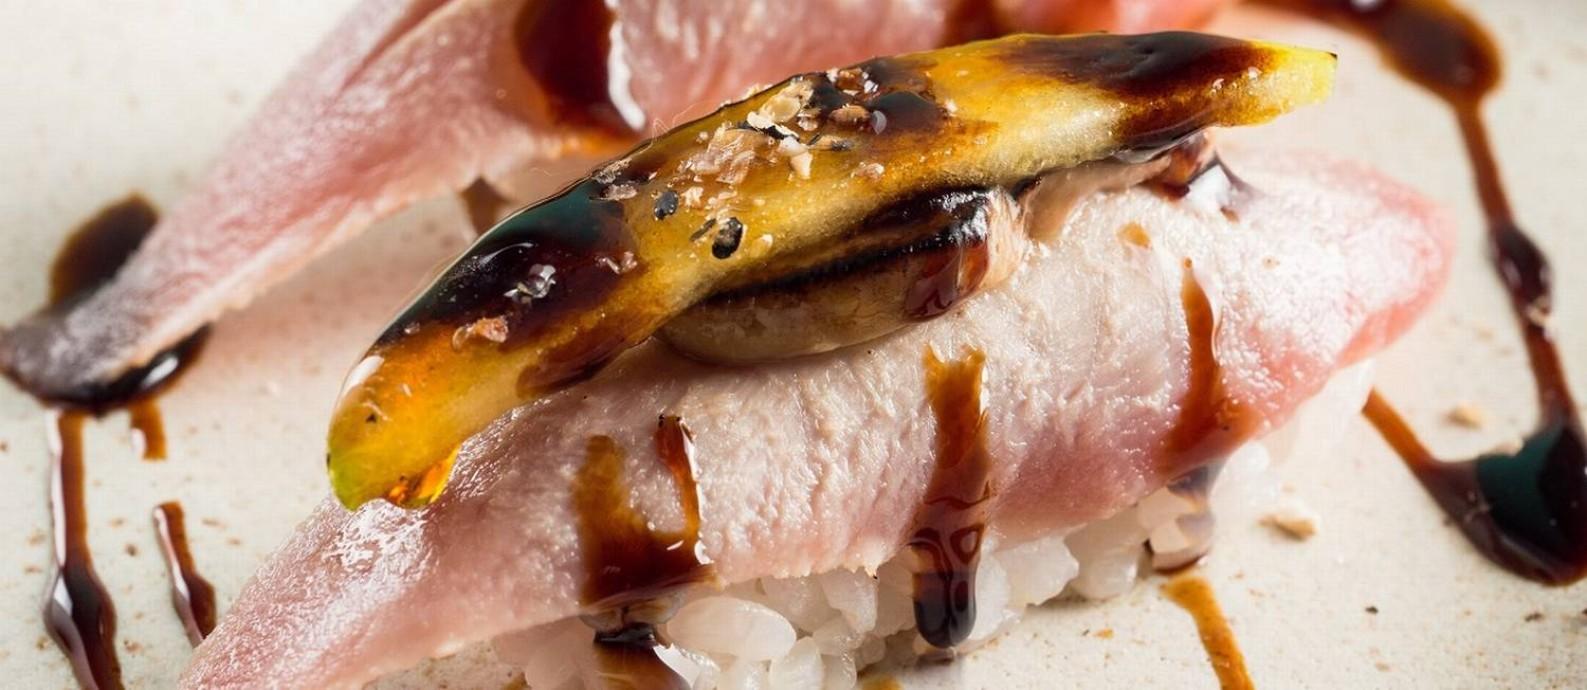 Gurumê: Niguiri de atum com foi gras e maçã verde caramelizada Foto: Divulgação/Tomas Rangel